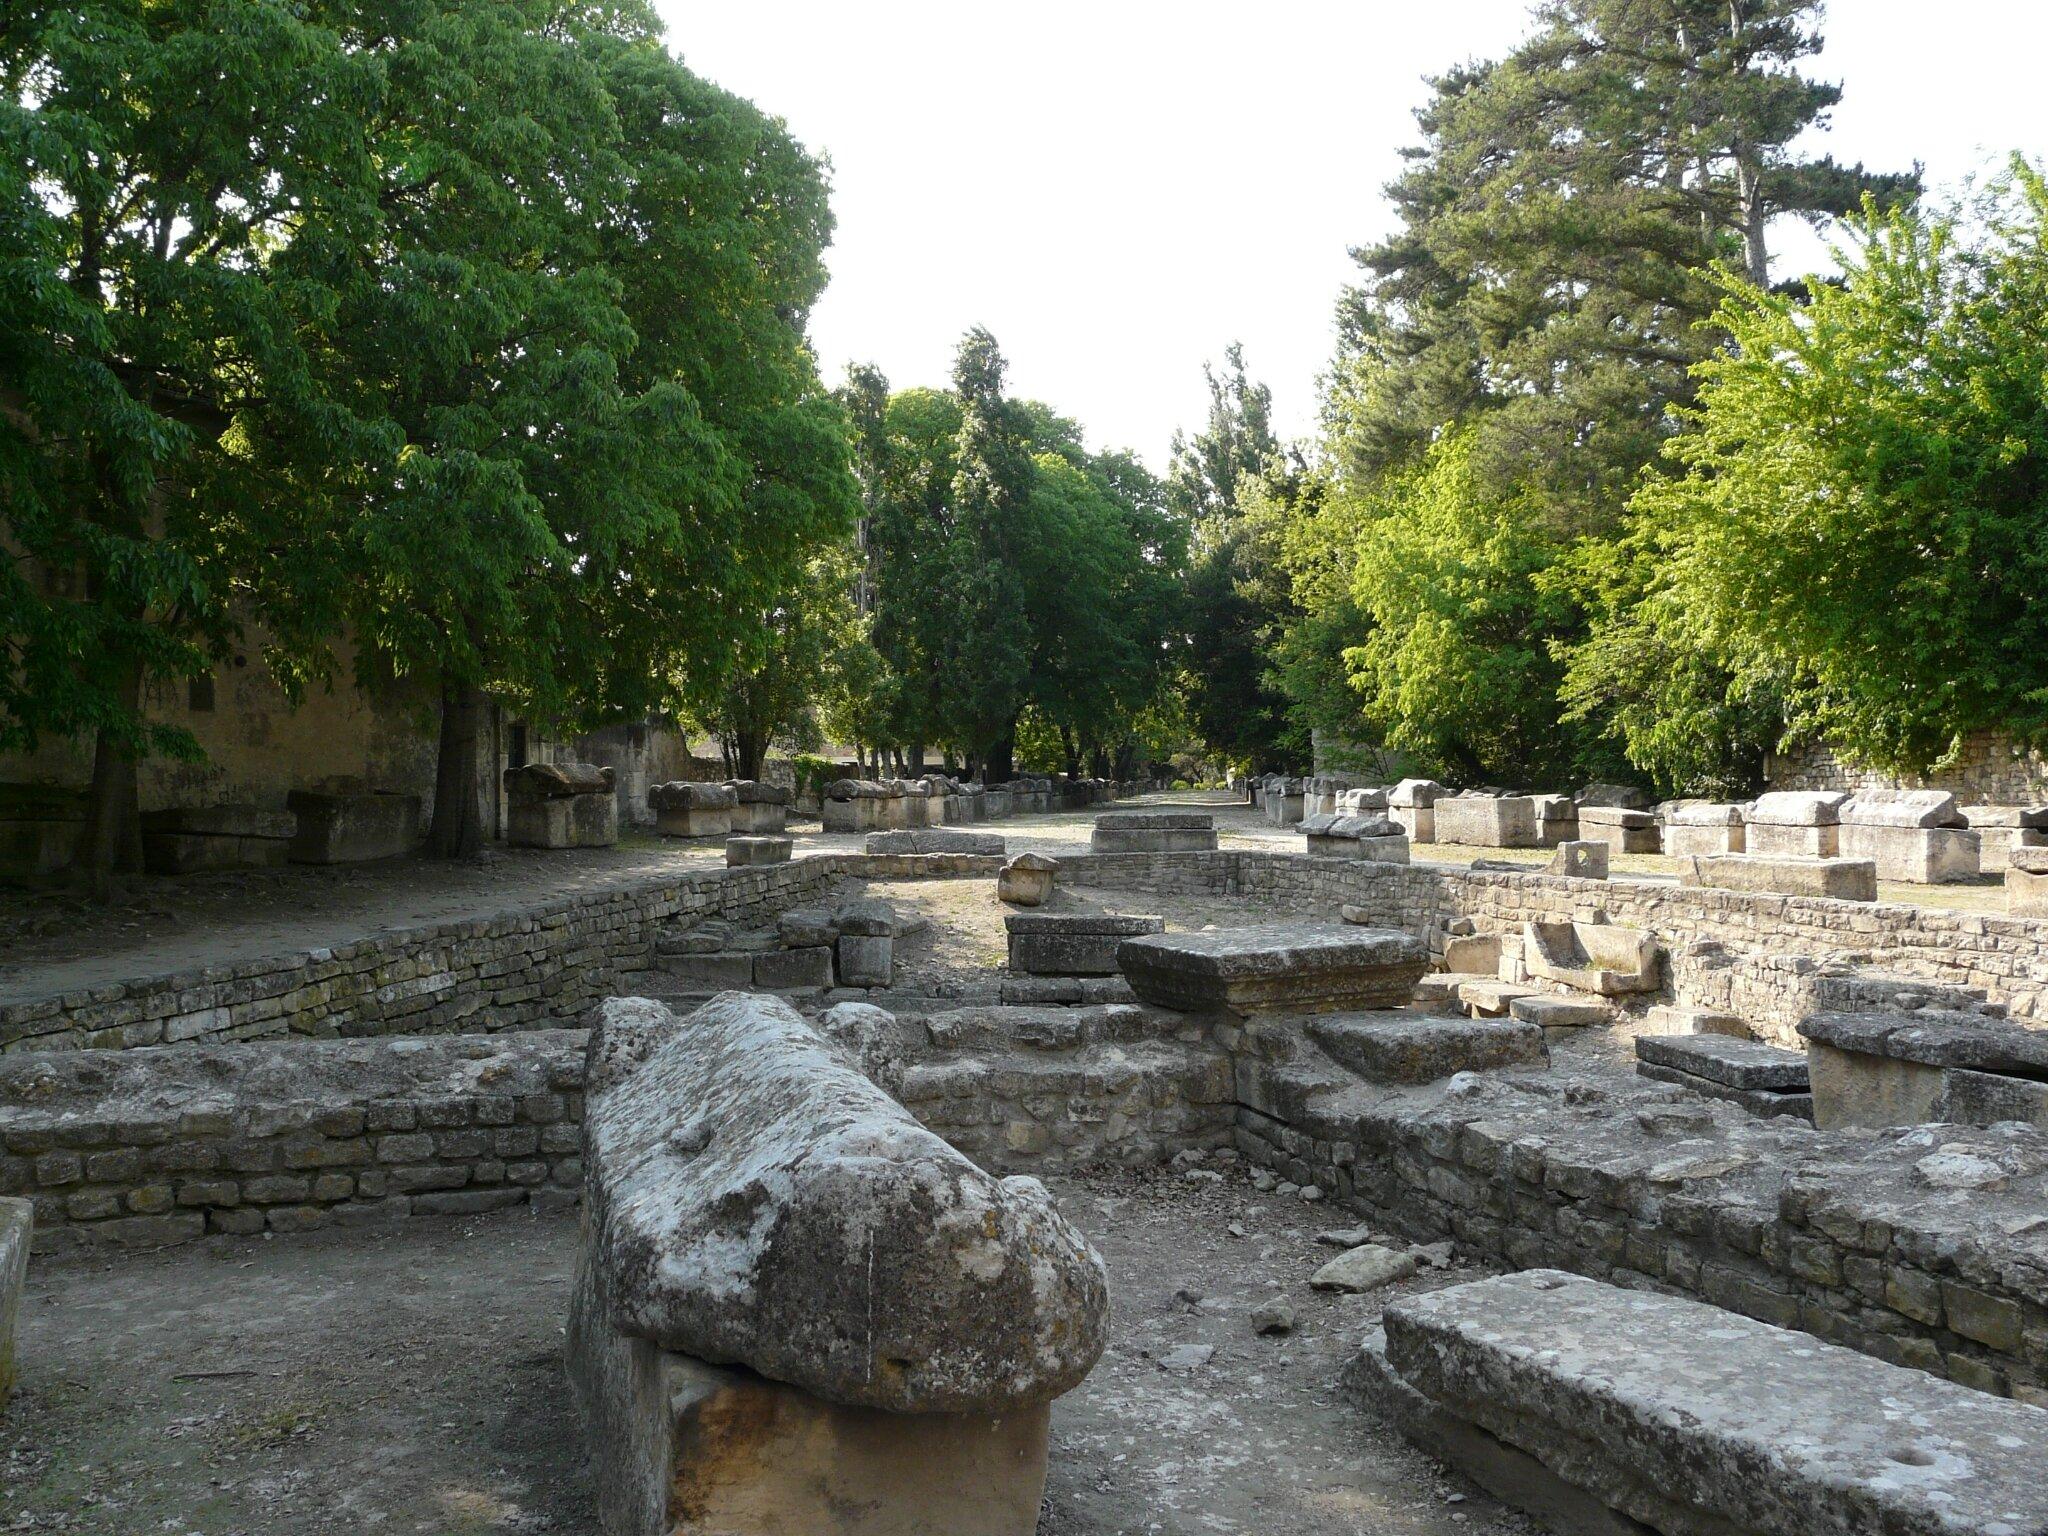 Le cimetière des Alyscamps et son rituel funéraire